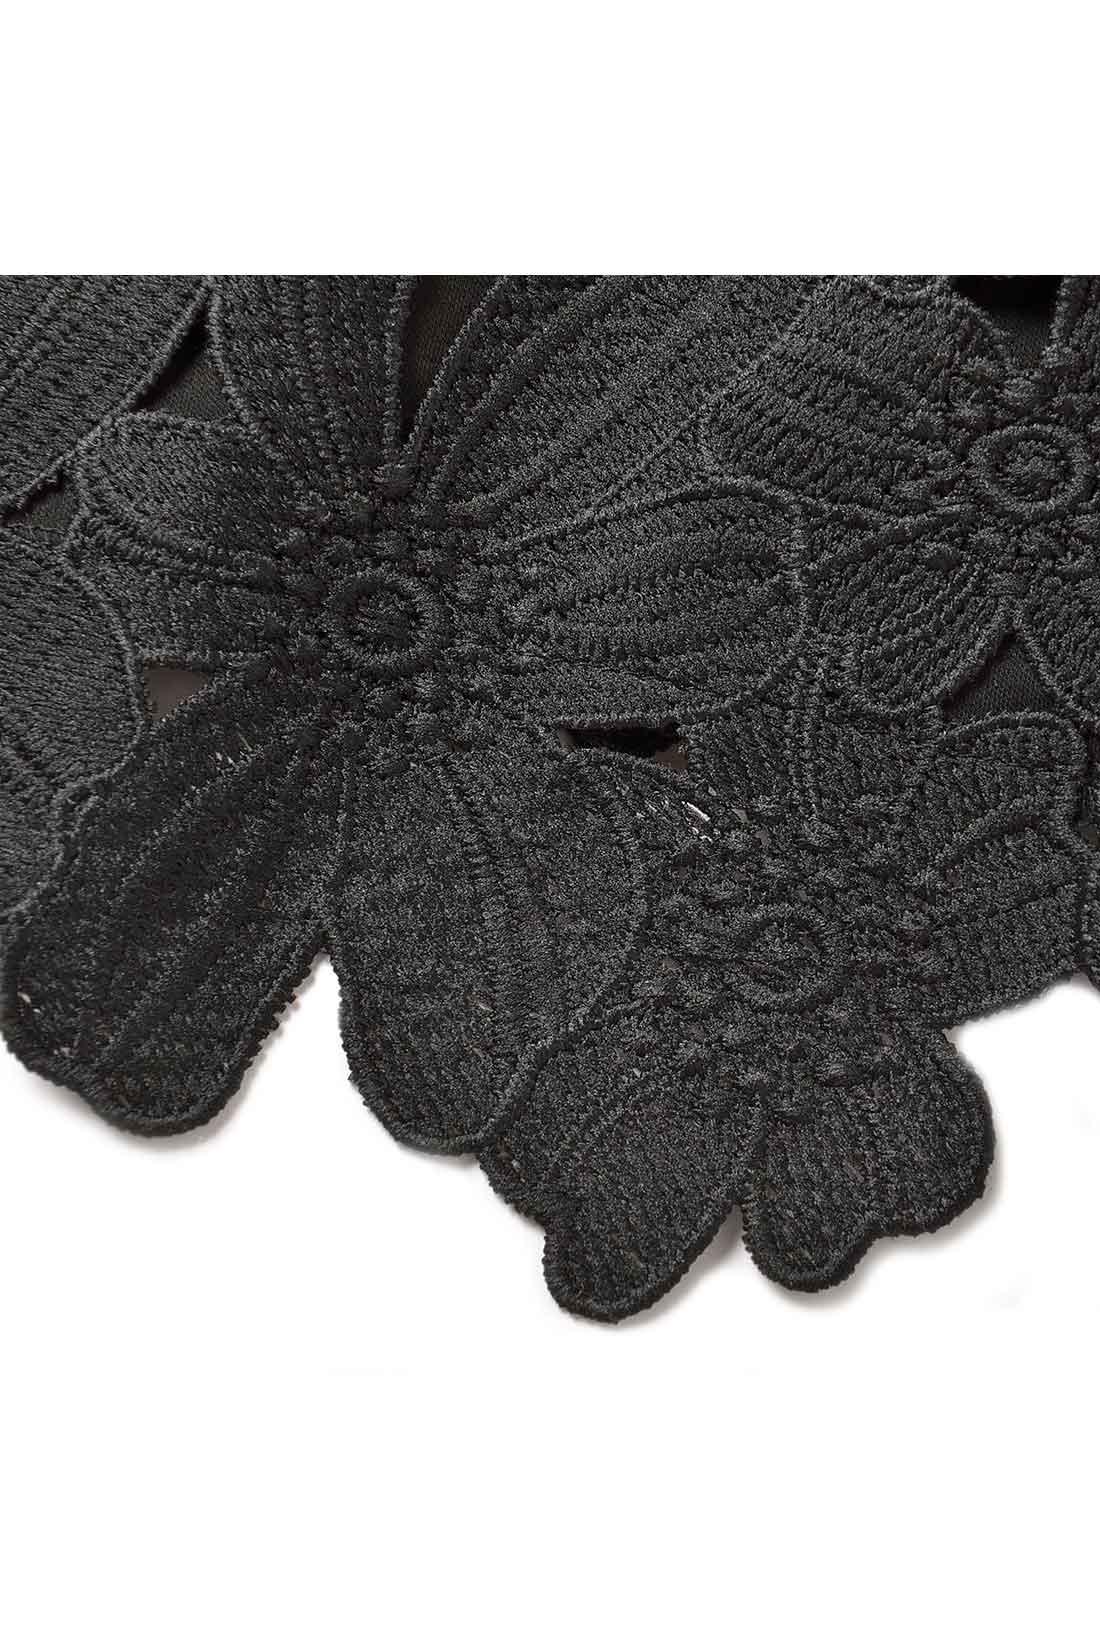 ほどよく肉厚で光沢感のあるきれいめ素材と旬の大柄フラワーレースの組み合わせ。